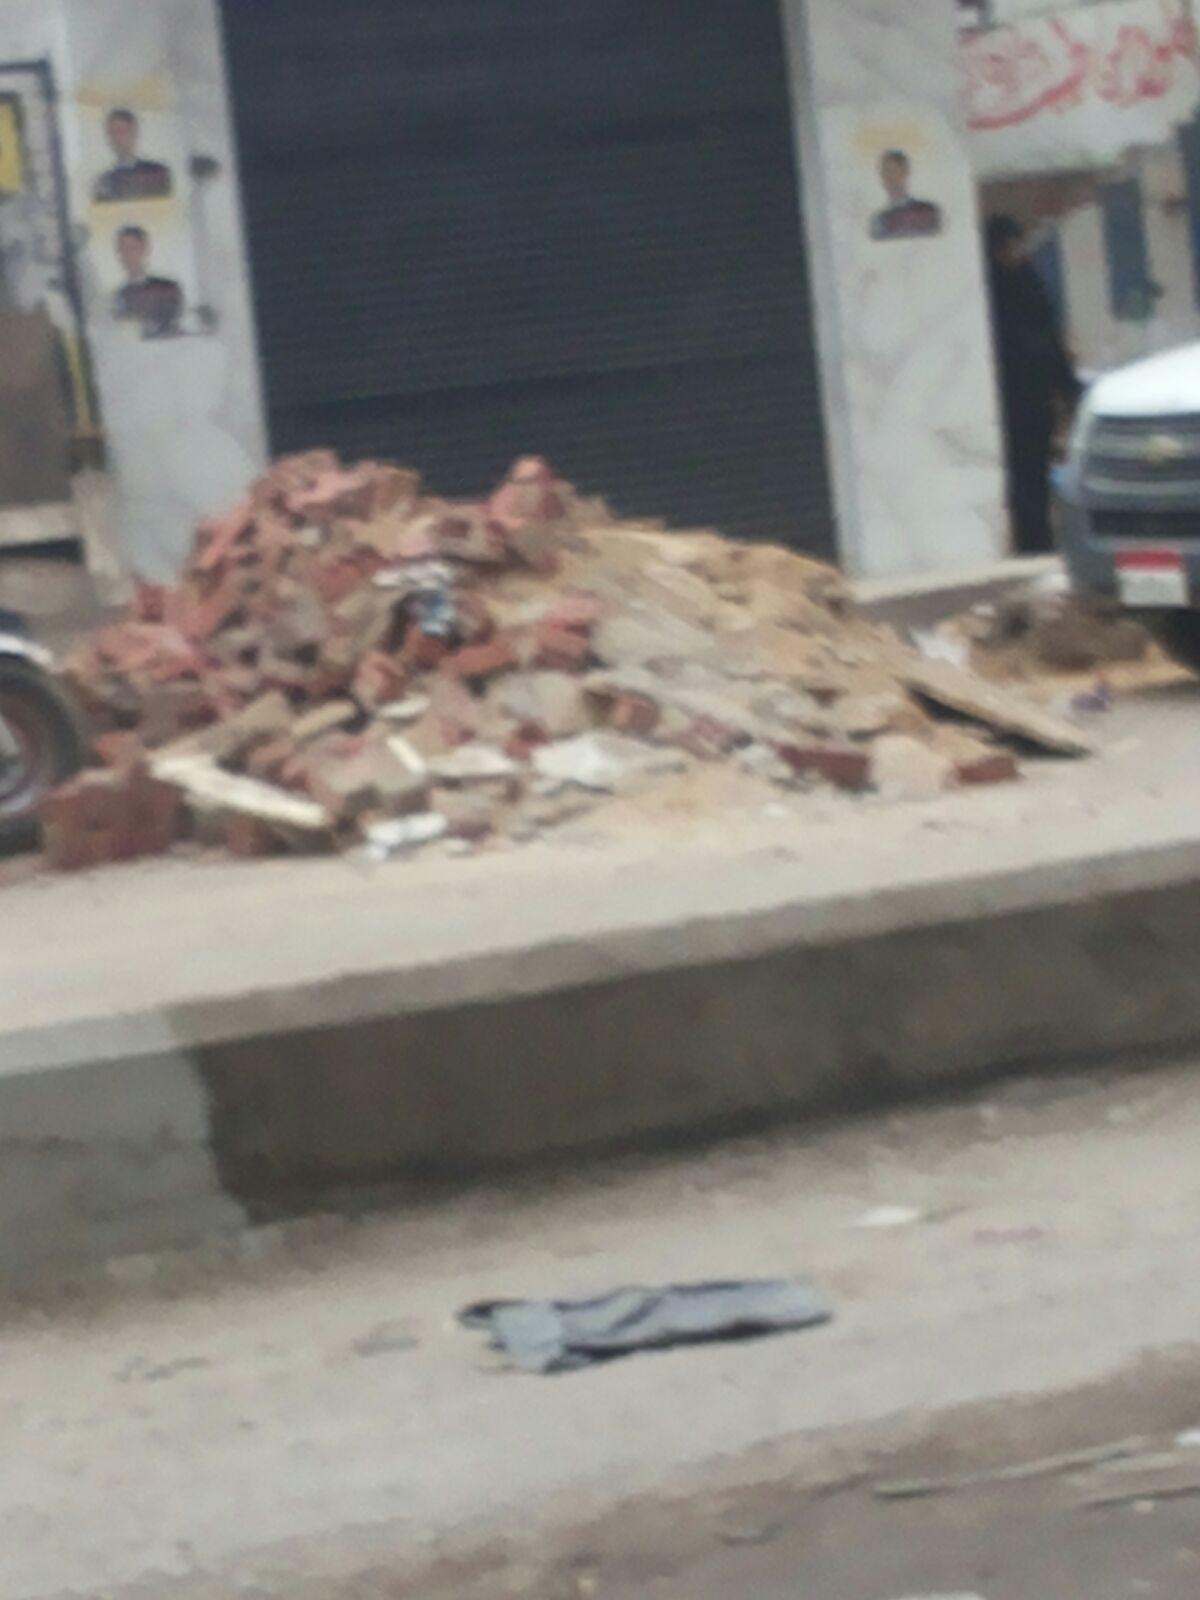 محليات الطالبية تركت مخلفات الهدم في الشوارع دون رفعها